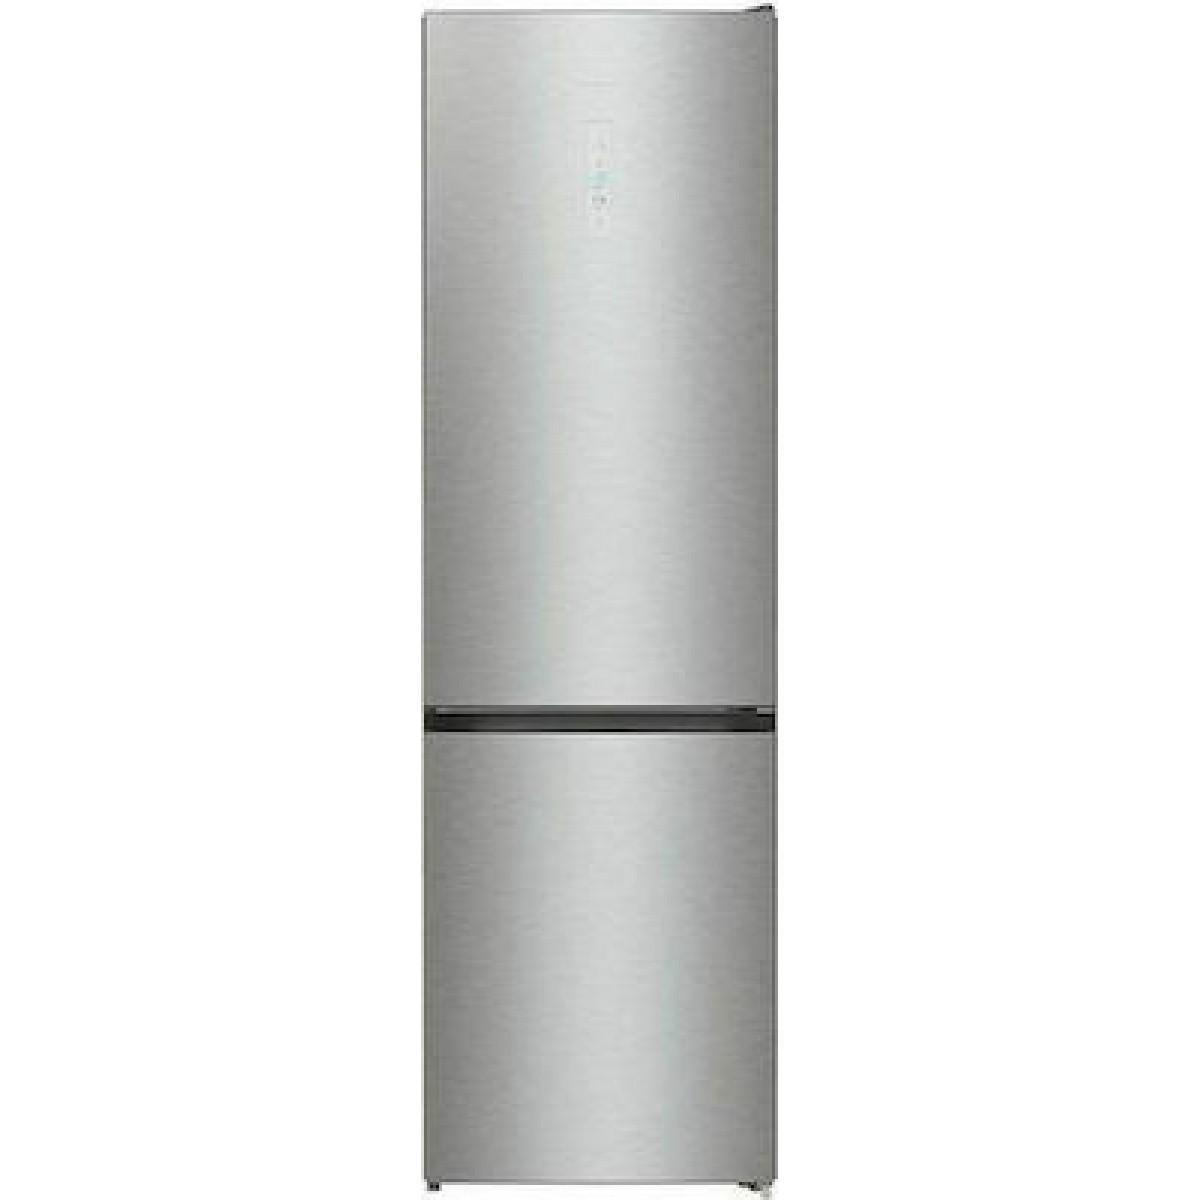 Ψυγειοκαταψύκτης Hisense RB434N4BC2 334lt A++ Total No Frost Inox Ψυγειοκαταψύκτες